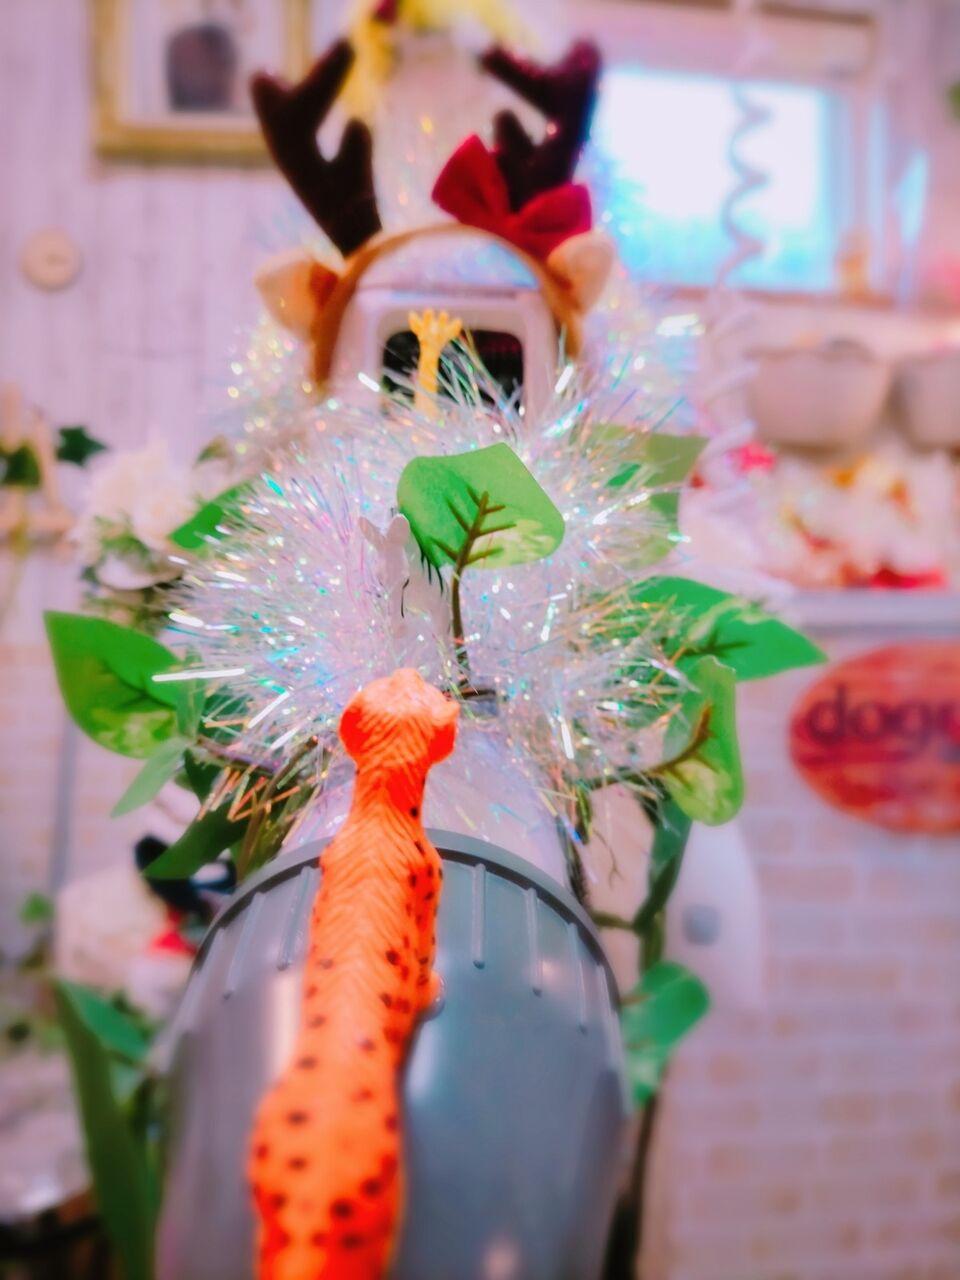 20-11-07-15-16-43-686_photo